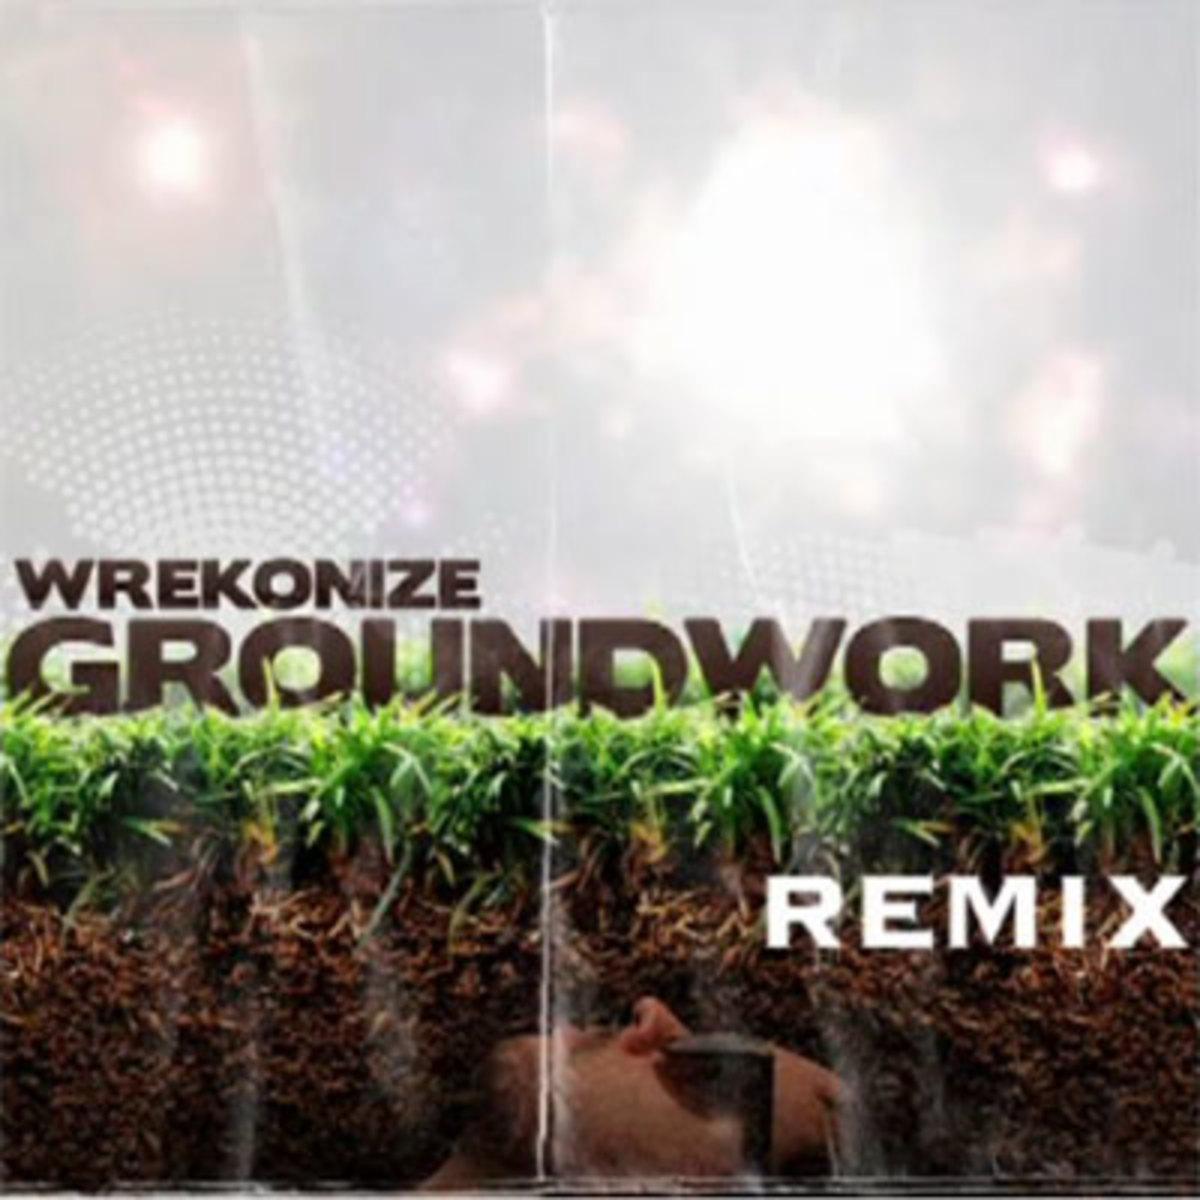 wrekonize-groundworkrmx.jpg